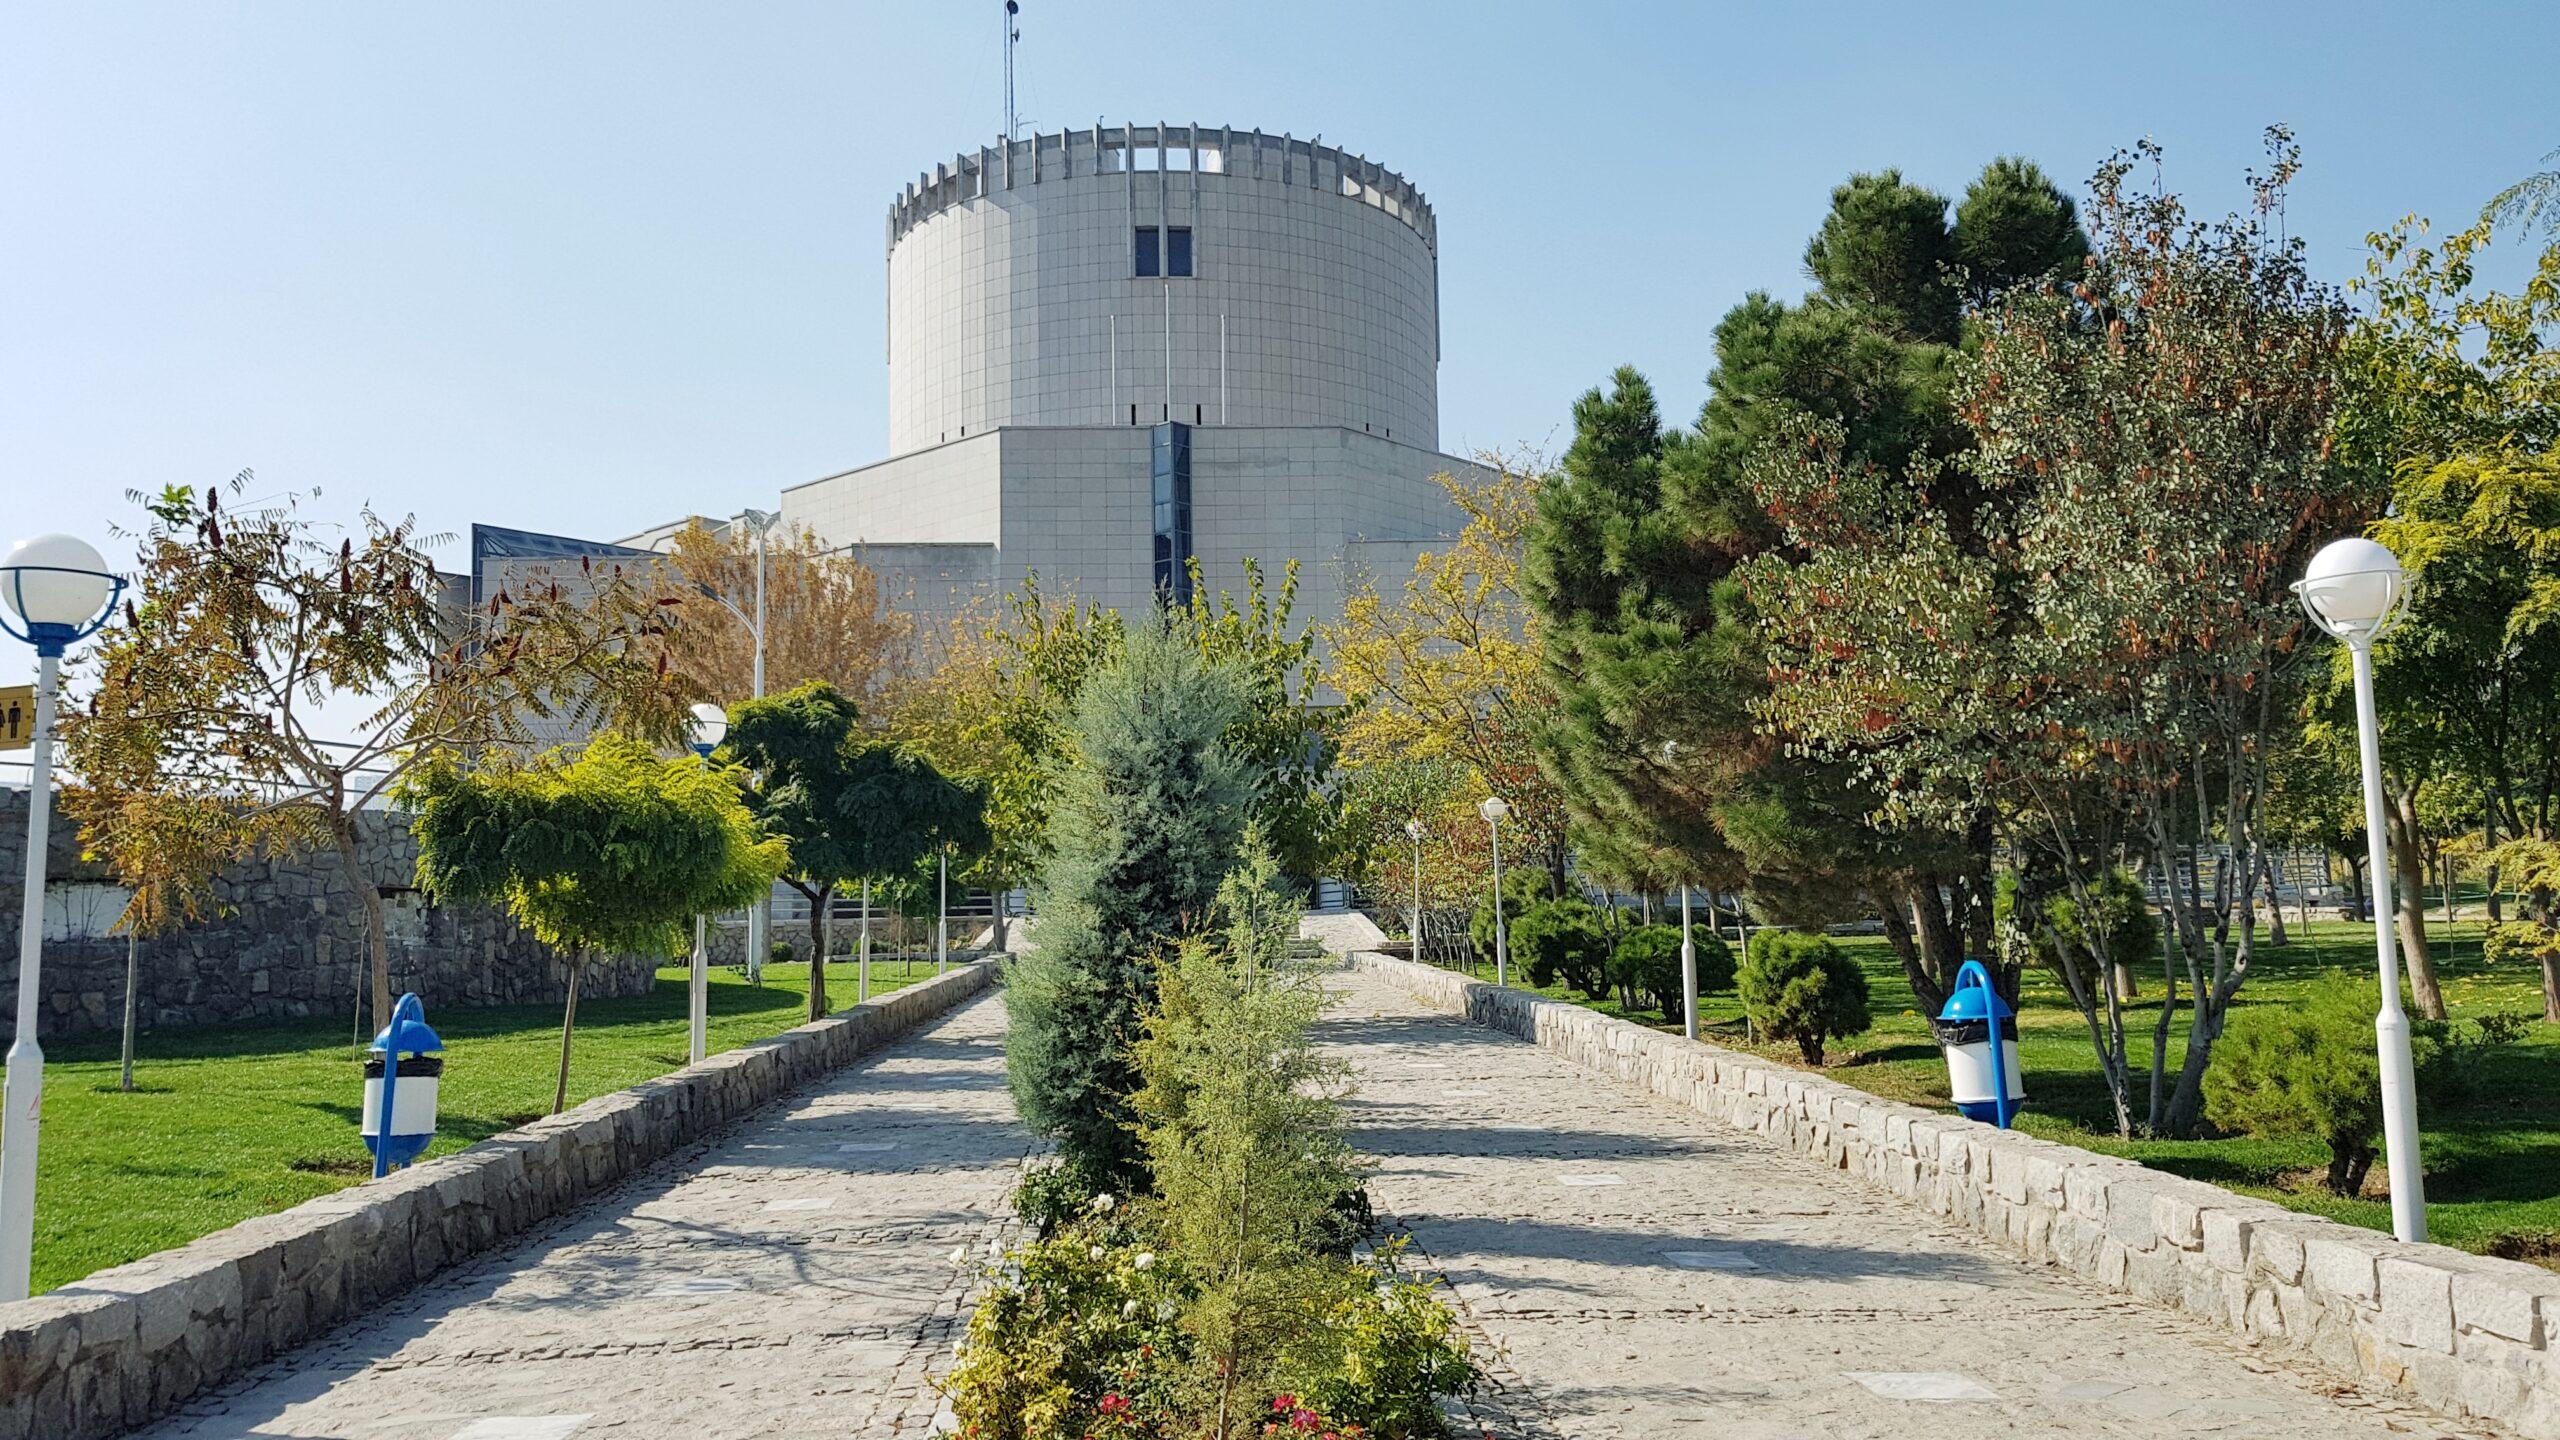 موزه بزرگ خراسان به مرکز اسناد صنعت گردشگری ایران تبدیل میشود